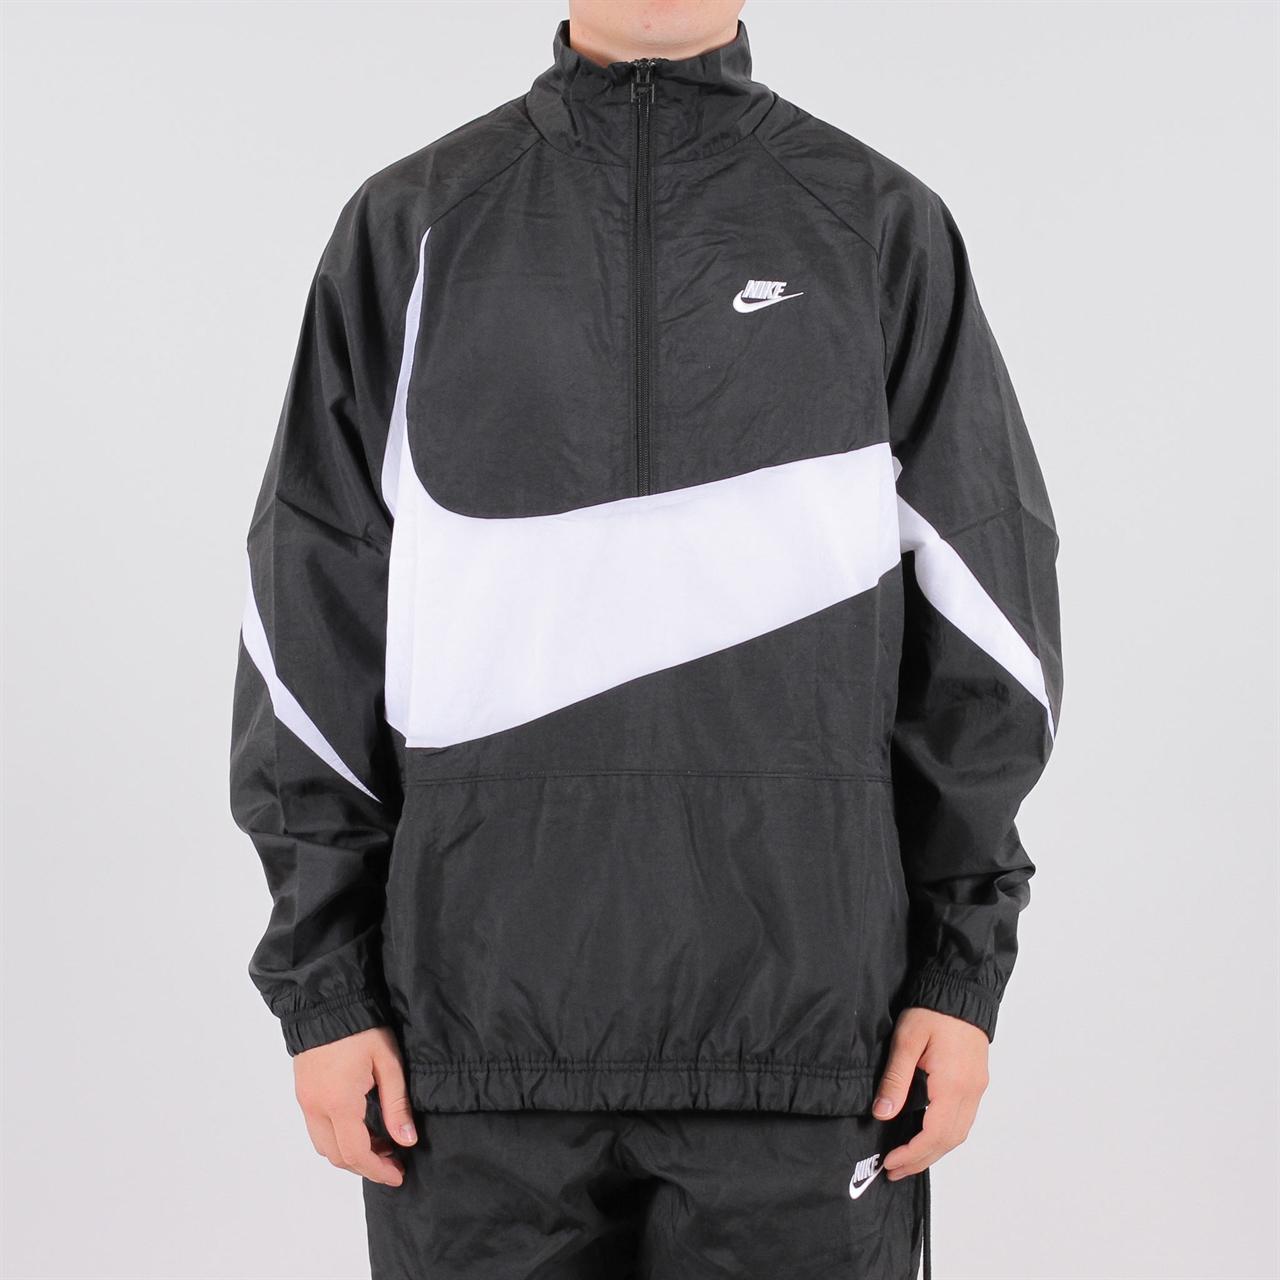 Shelta - Nike Sportswear Swoosh Woven Half Zip Jacket Vaporwave (AJ2 d981bacf6